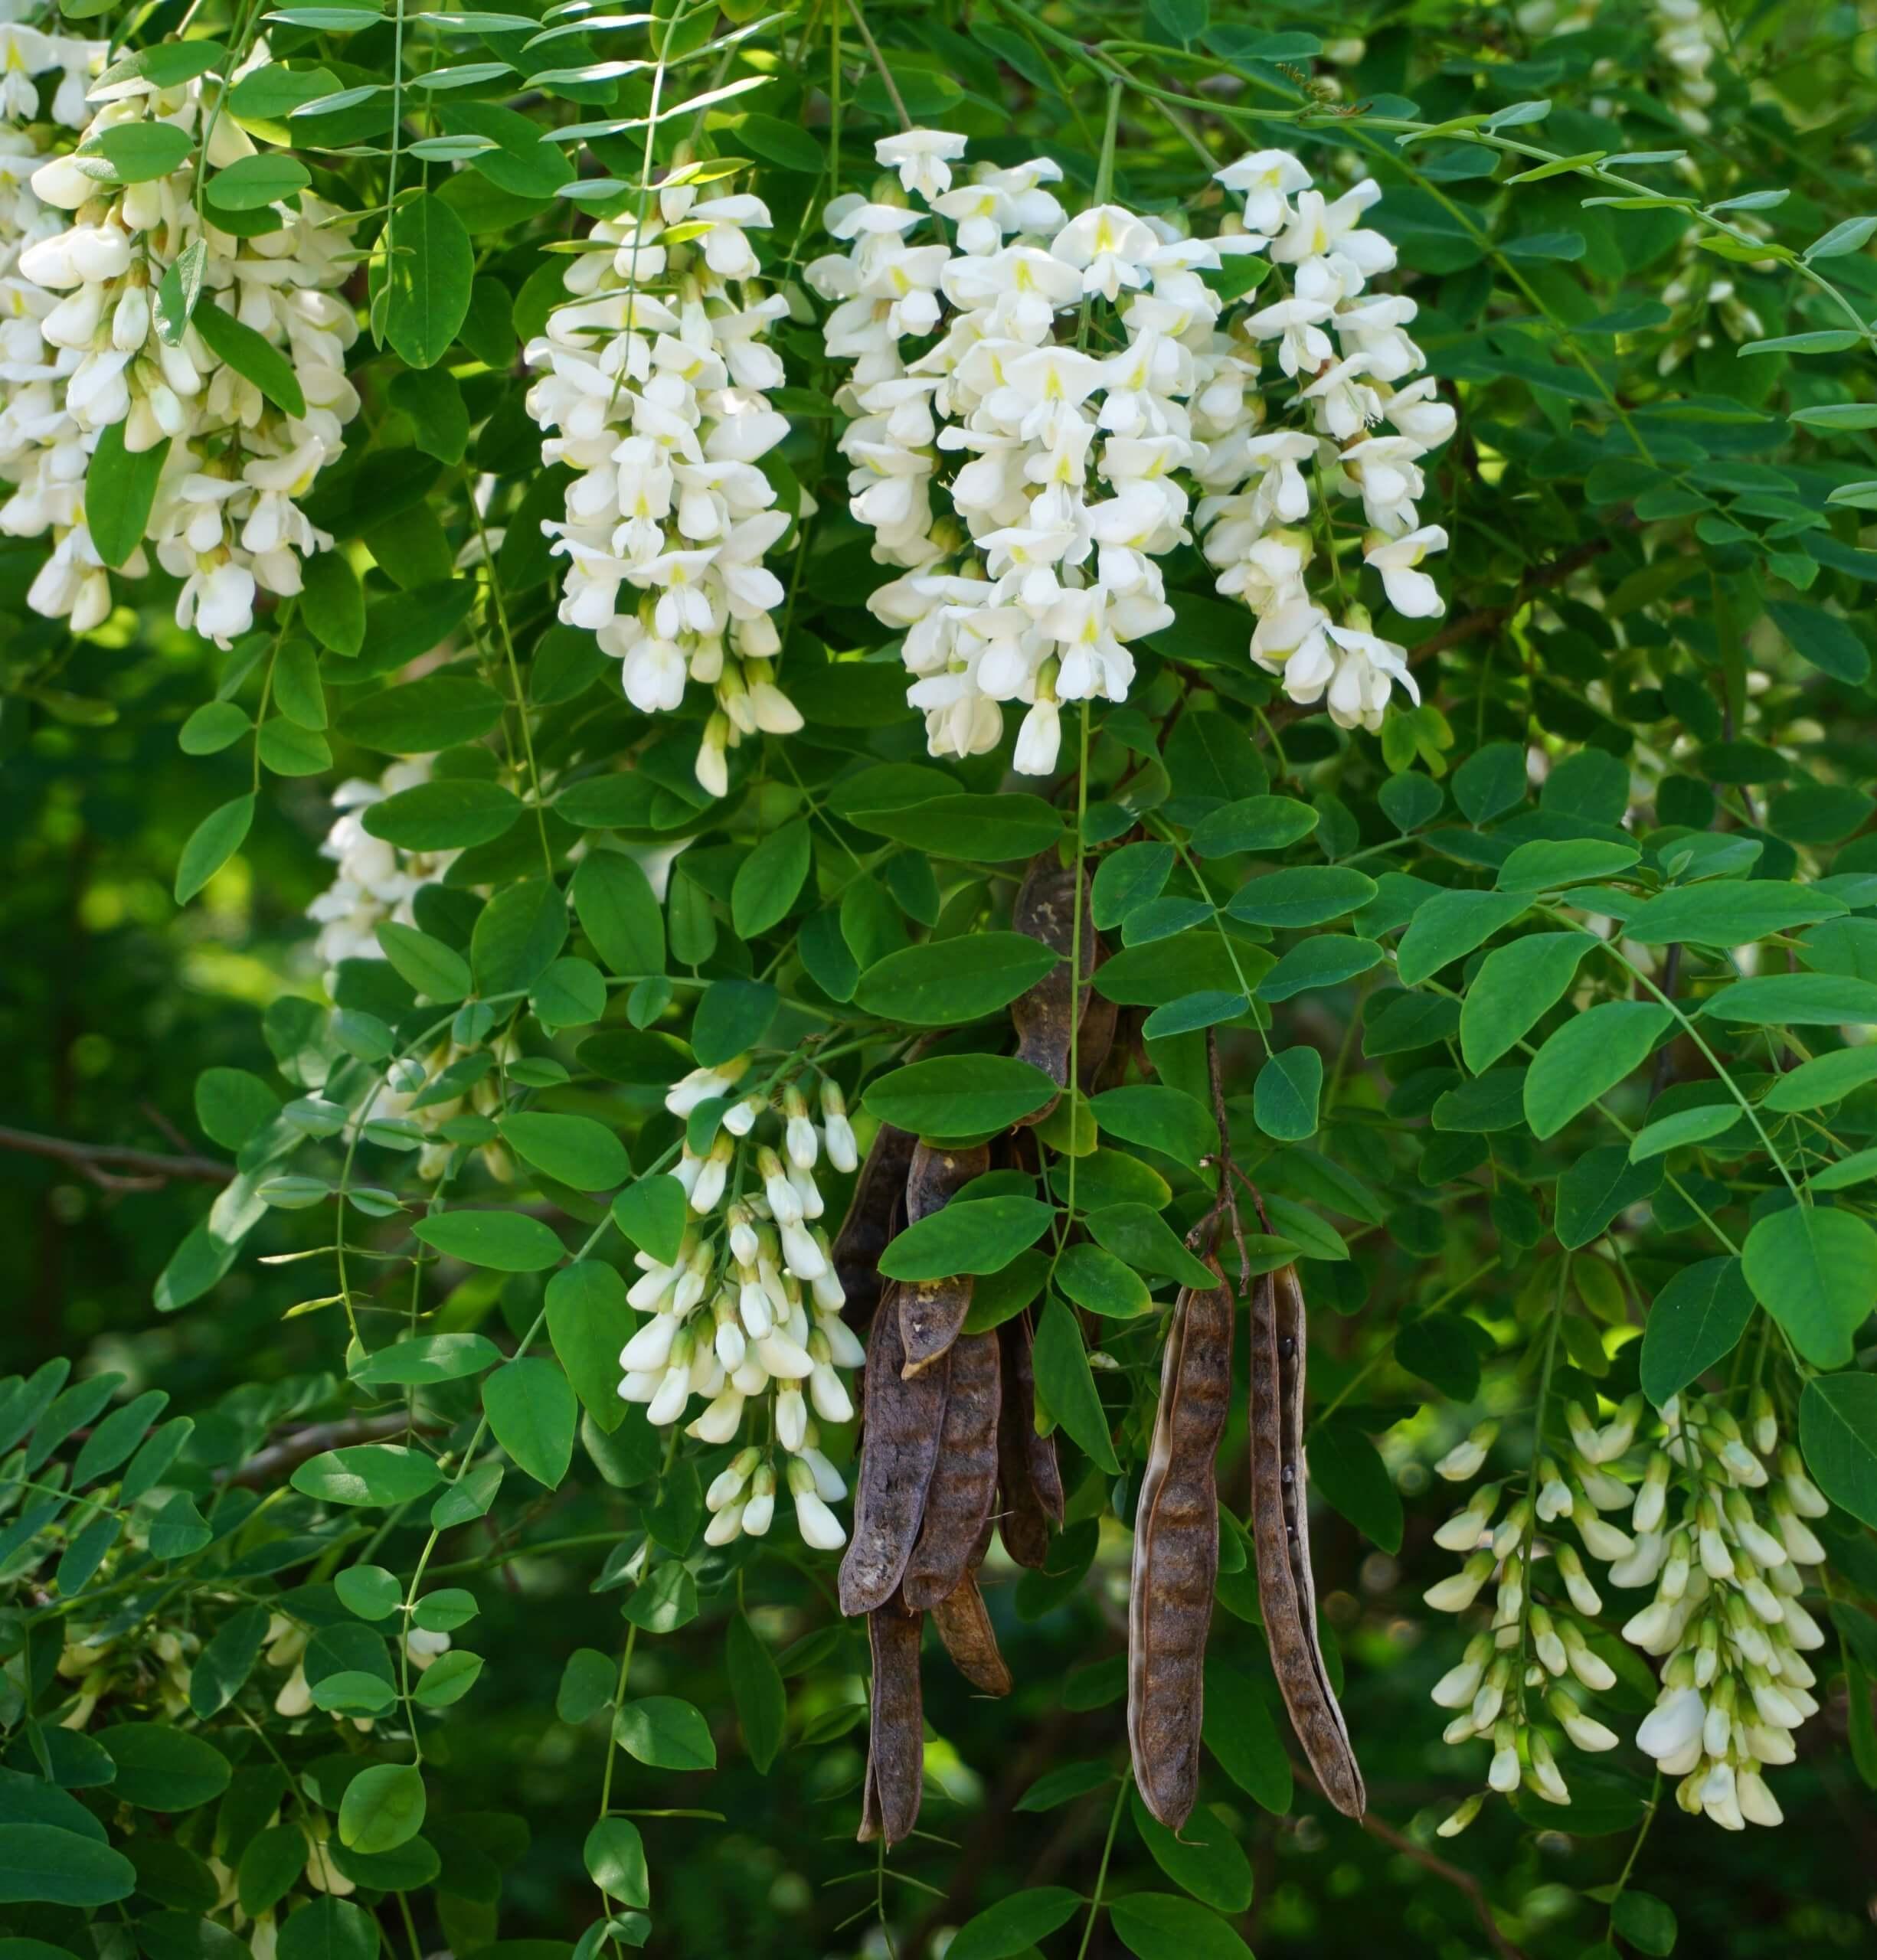 Das Bild zeigt die vorjährigen Fruchthülsen an einer Robinie, die oft bis über den Winter an den Bäumen hängen bleiben sowie die neuen diesjährigen Blütentrauben. Hier an einem Exemplar in den Müggelbergen, Juni 2021.